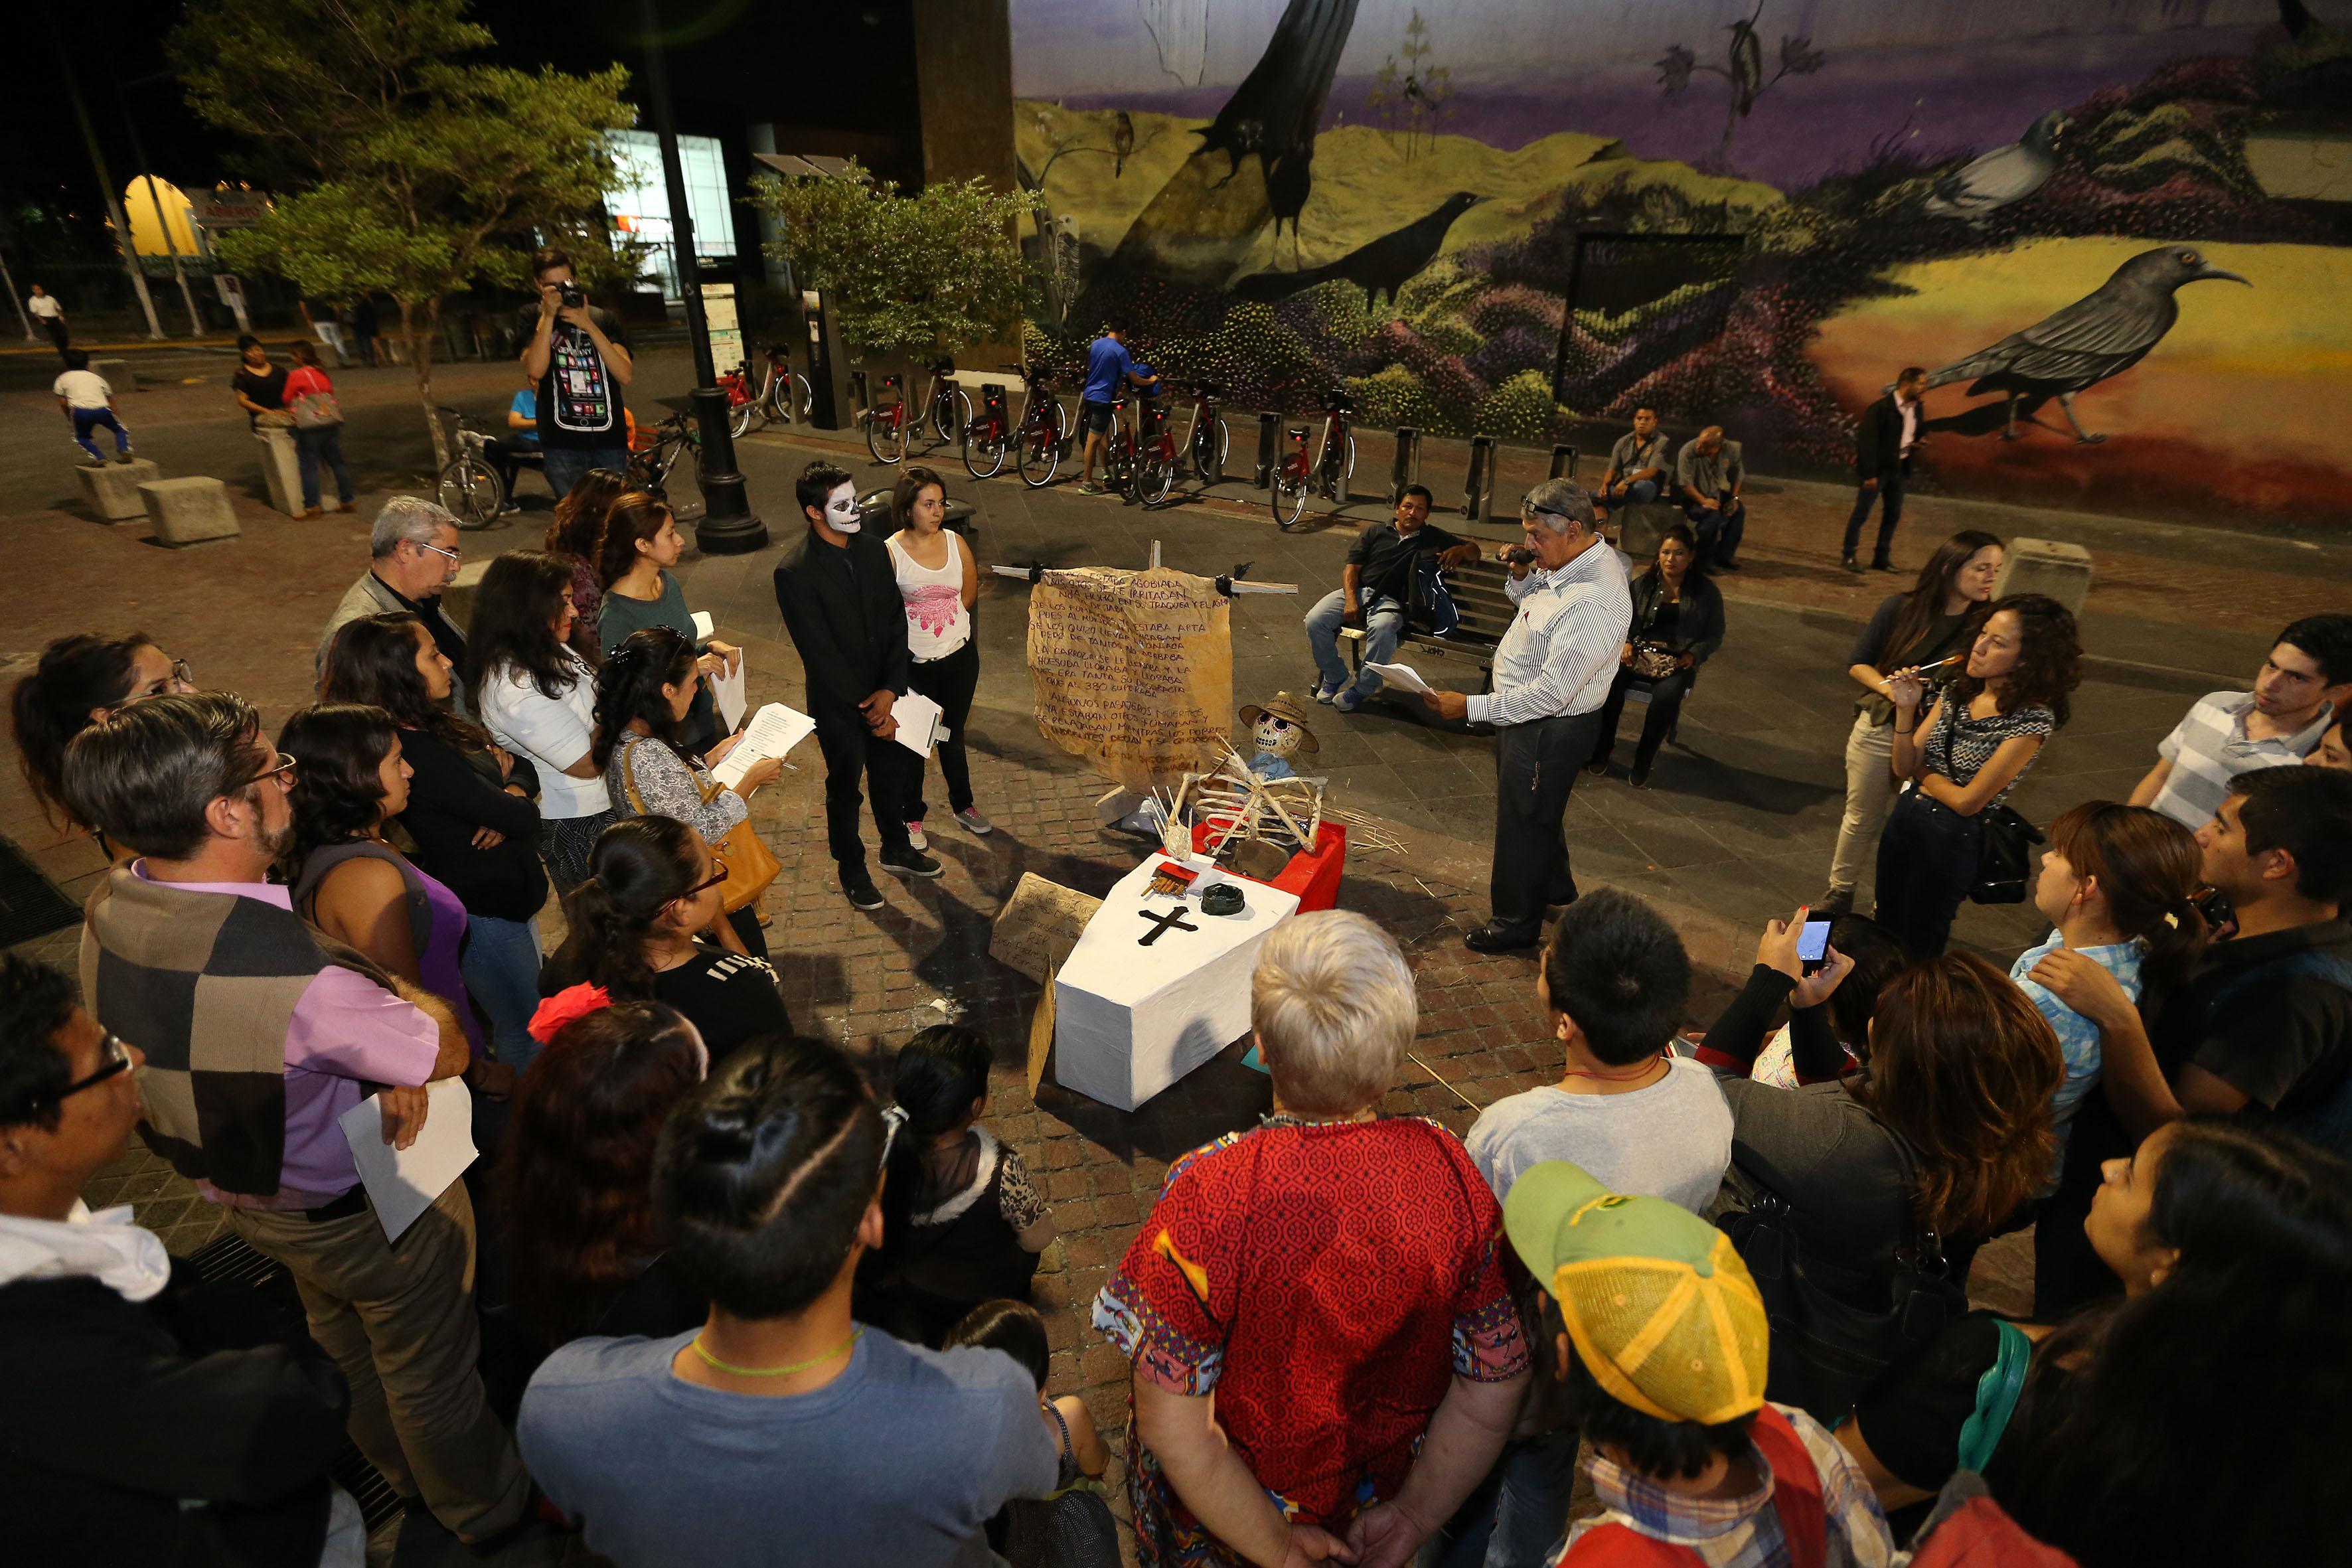 Rector del CUCBA, doctor Salvador Mena Munguía, diciendo algunas palabras al público asistente y estudiante ganador del concurso de tumbas con temática ambiental durante las actividades de los juéves en la Rambla Cataluña.